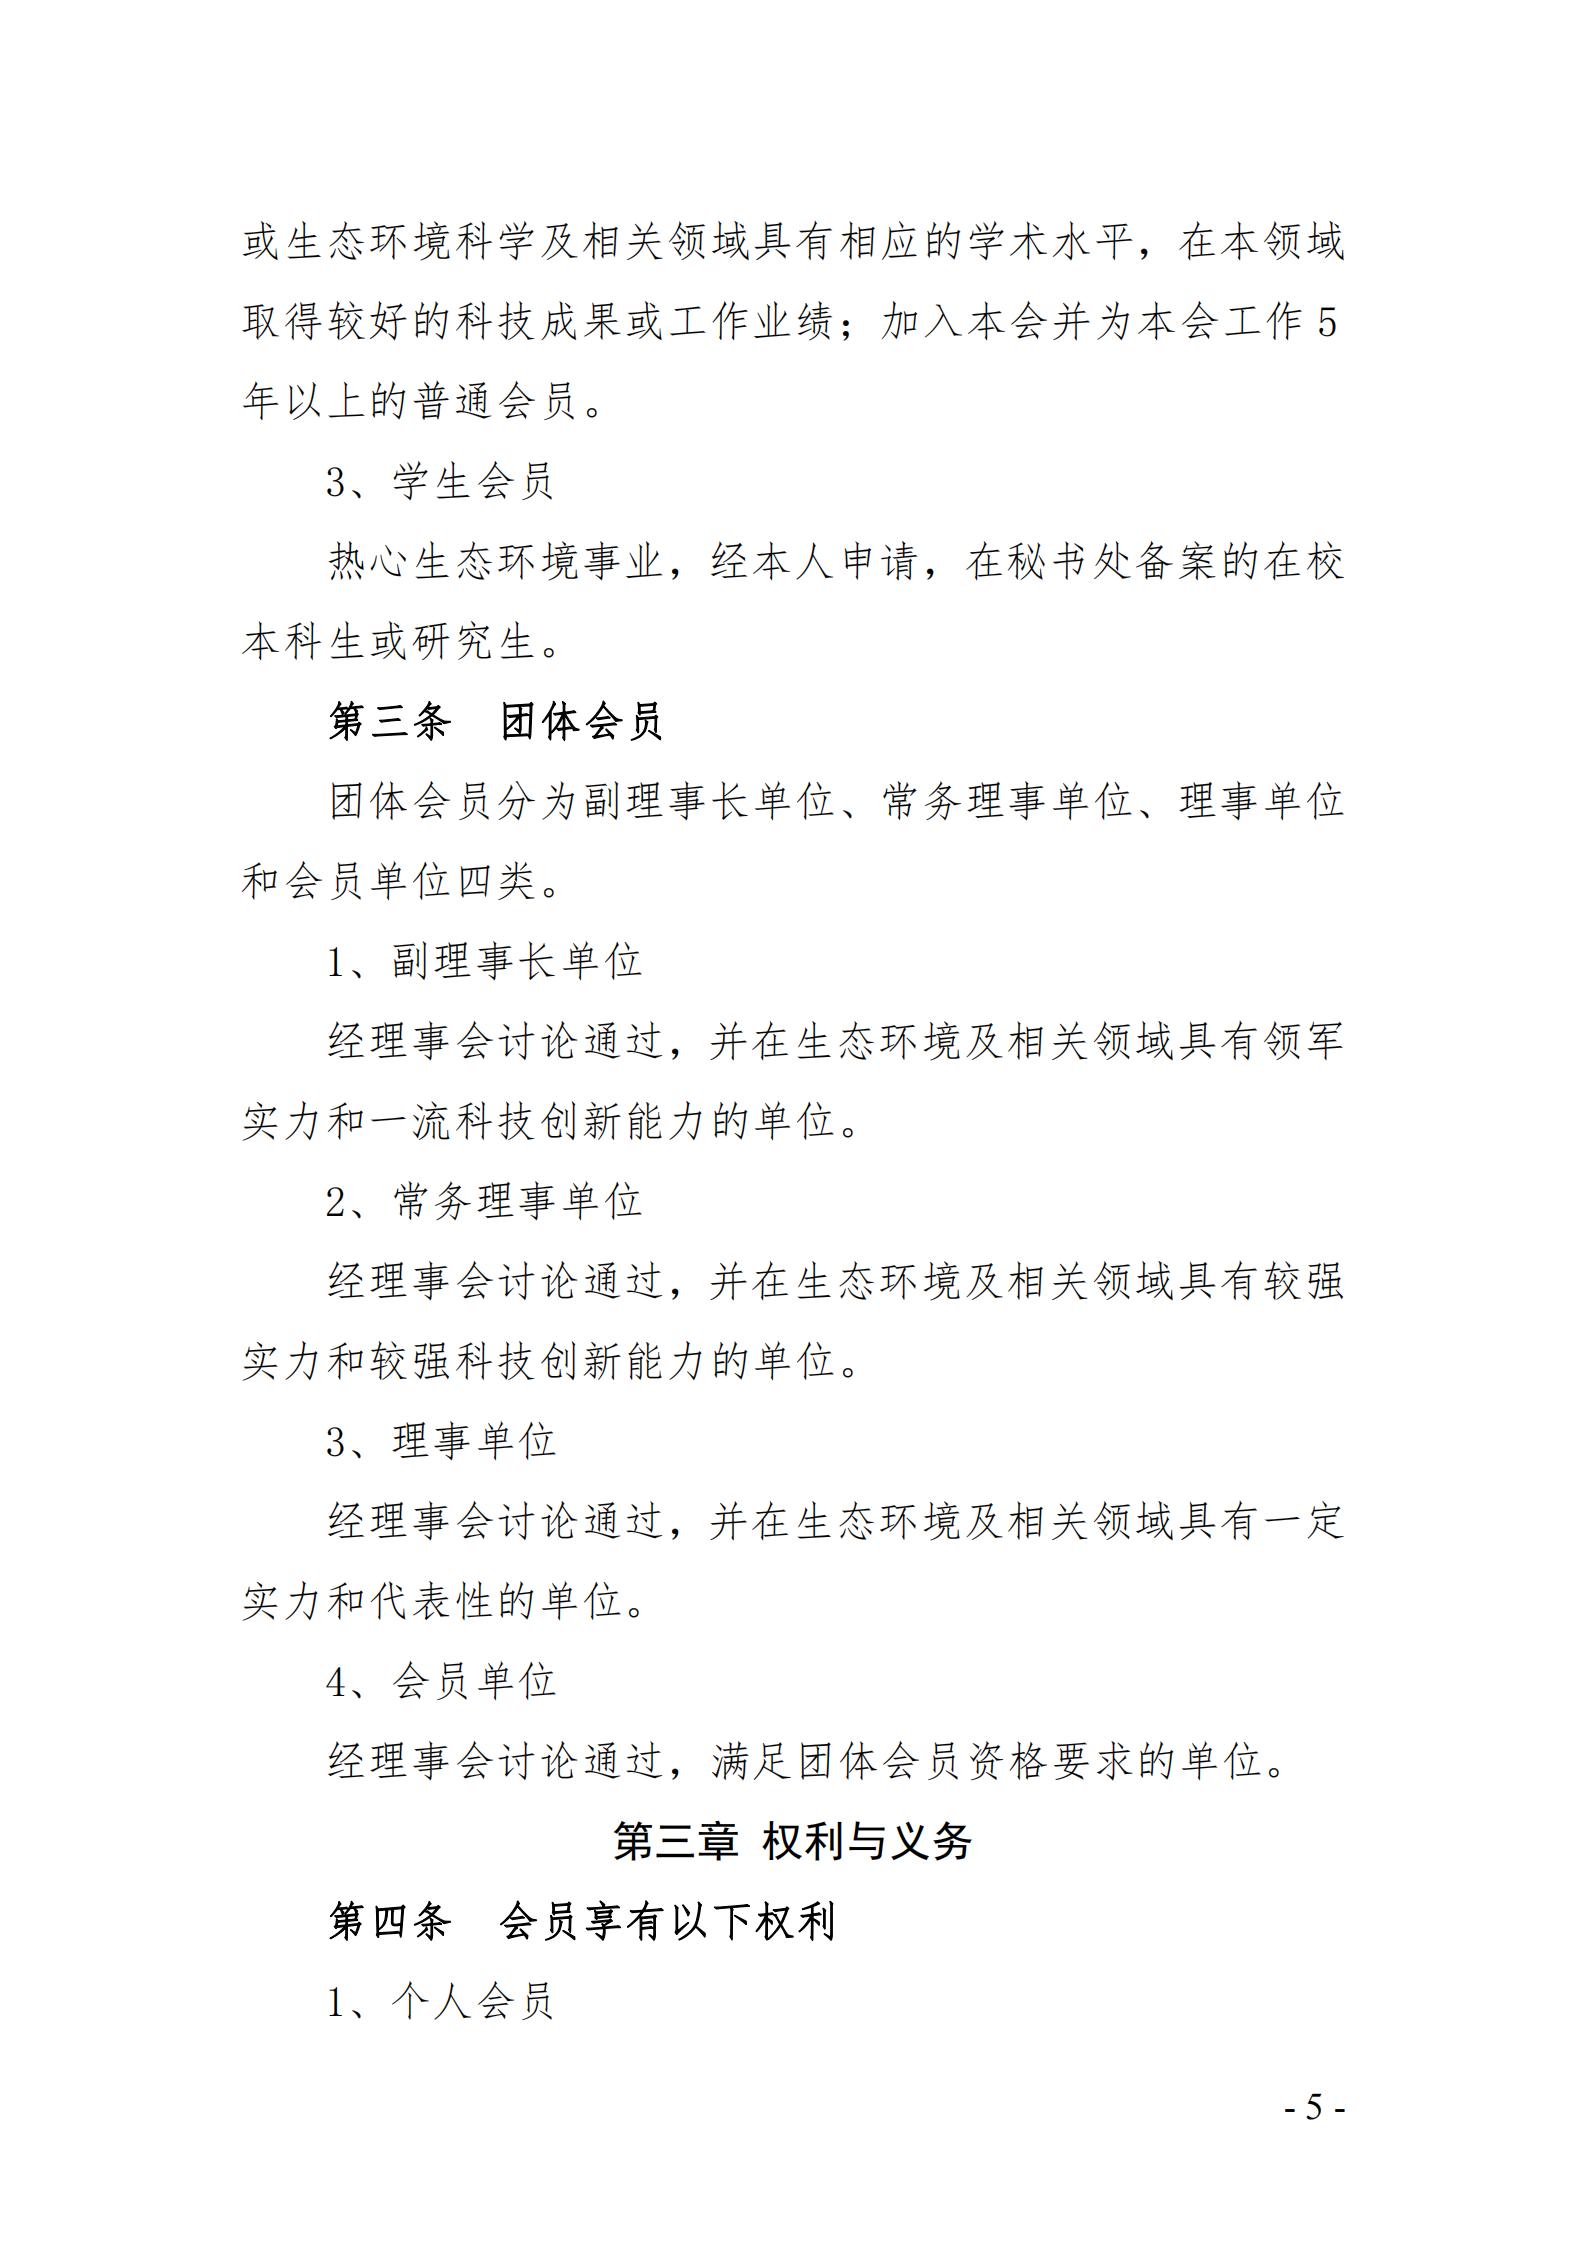 甘环学发【2021】3号 关于缴纳2021年甘肃省环境科学学会团体会员会费的通知_04.png